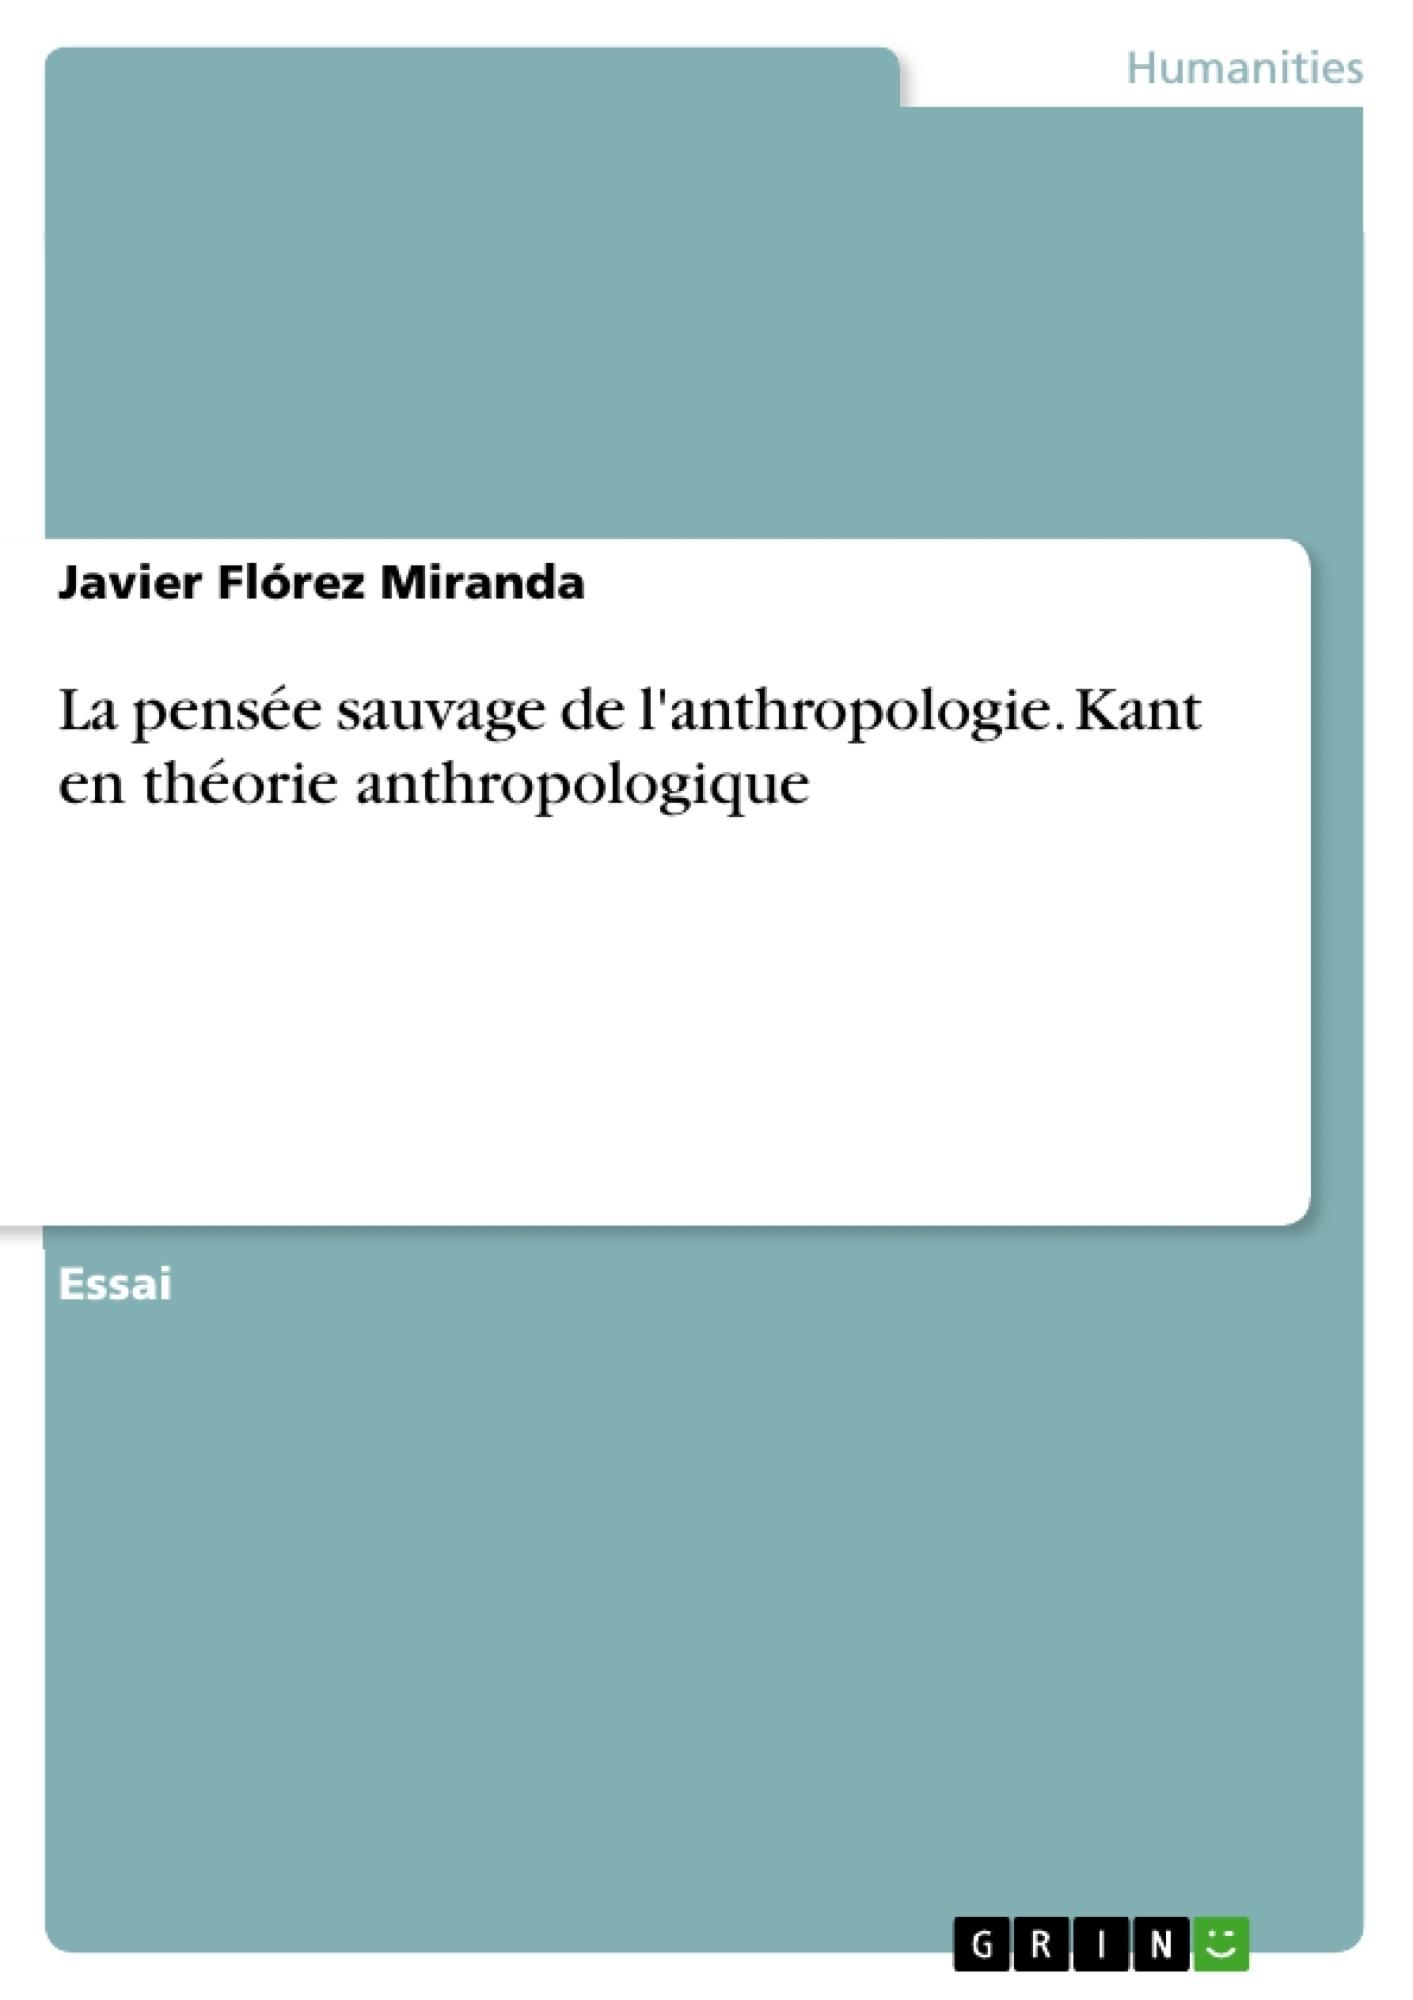 Titre: La pensée sauvage de l'anthropologie. Kant en théorie anthropologique